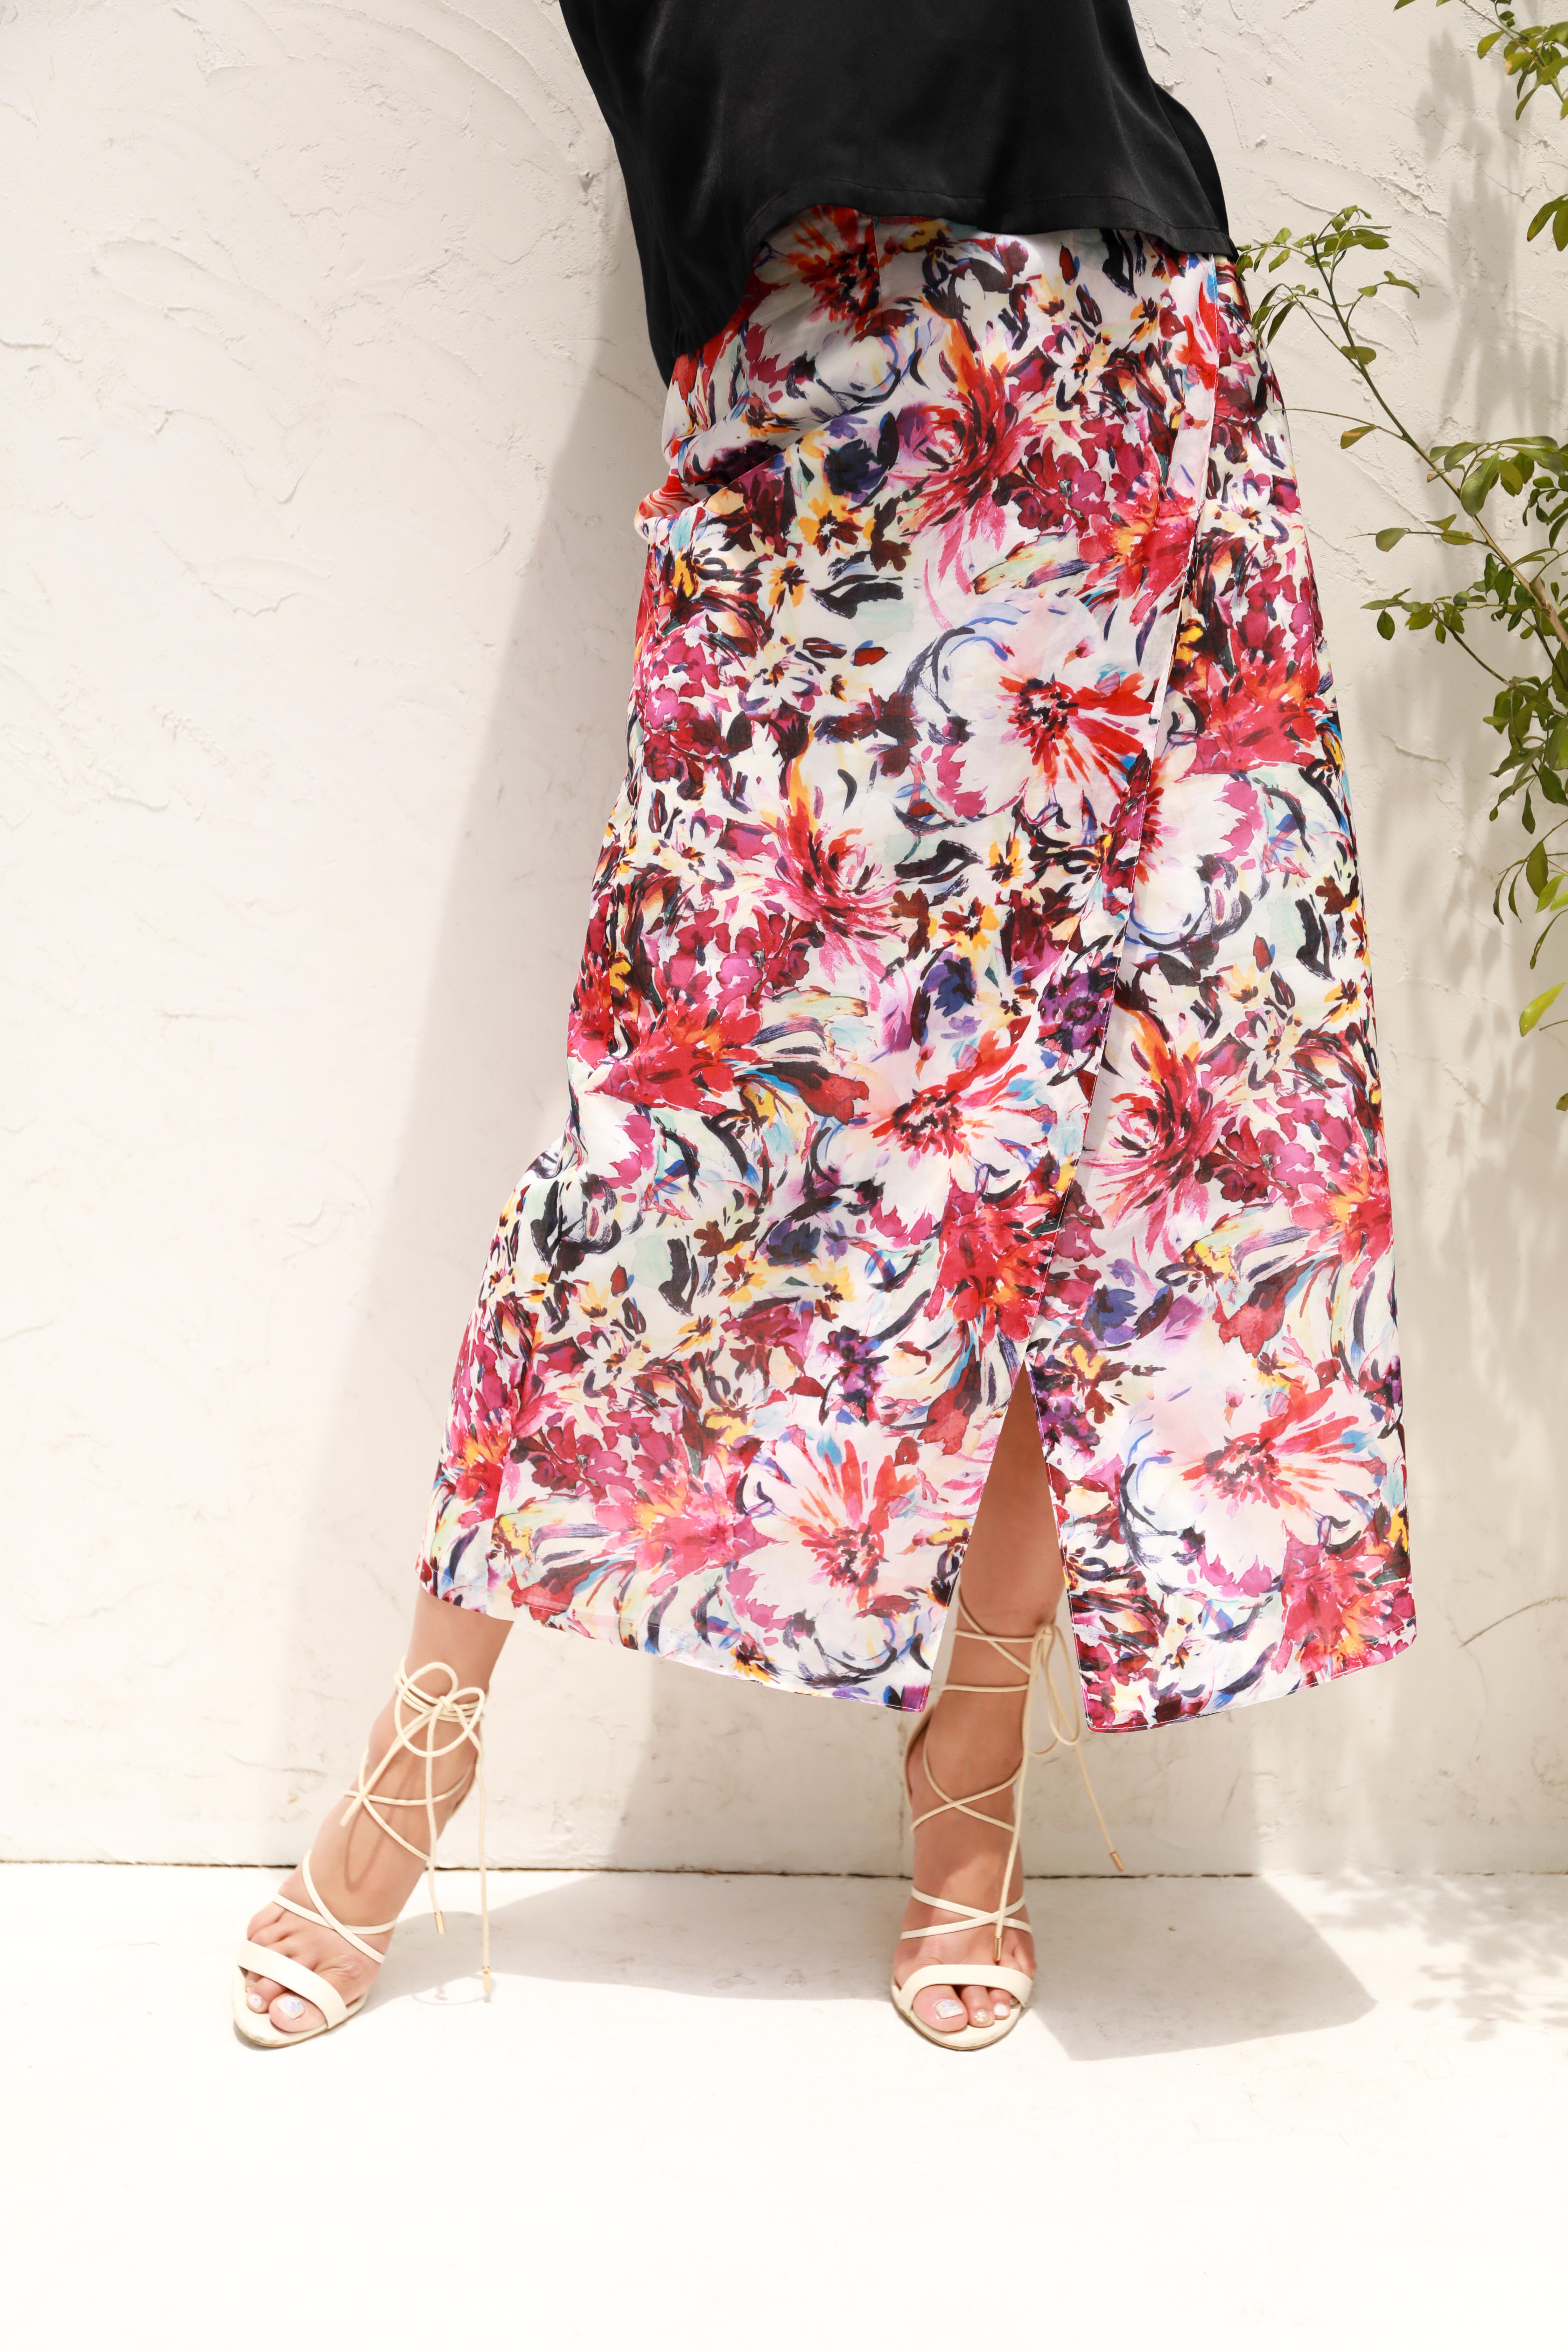 【巻きスカート】夏に映える華やかな大ぶりの花柄スカート